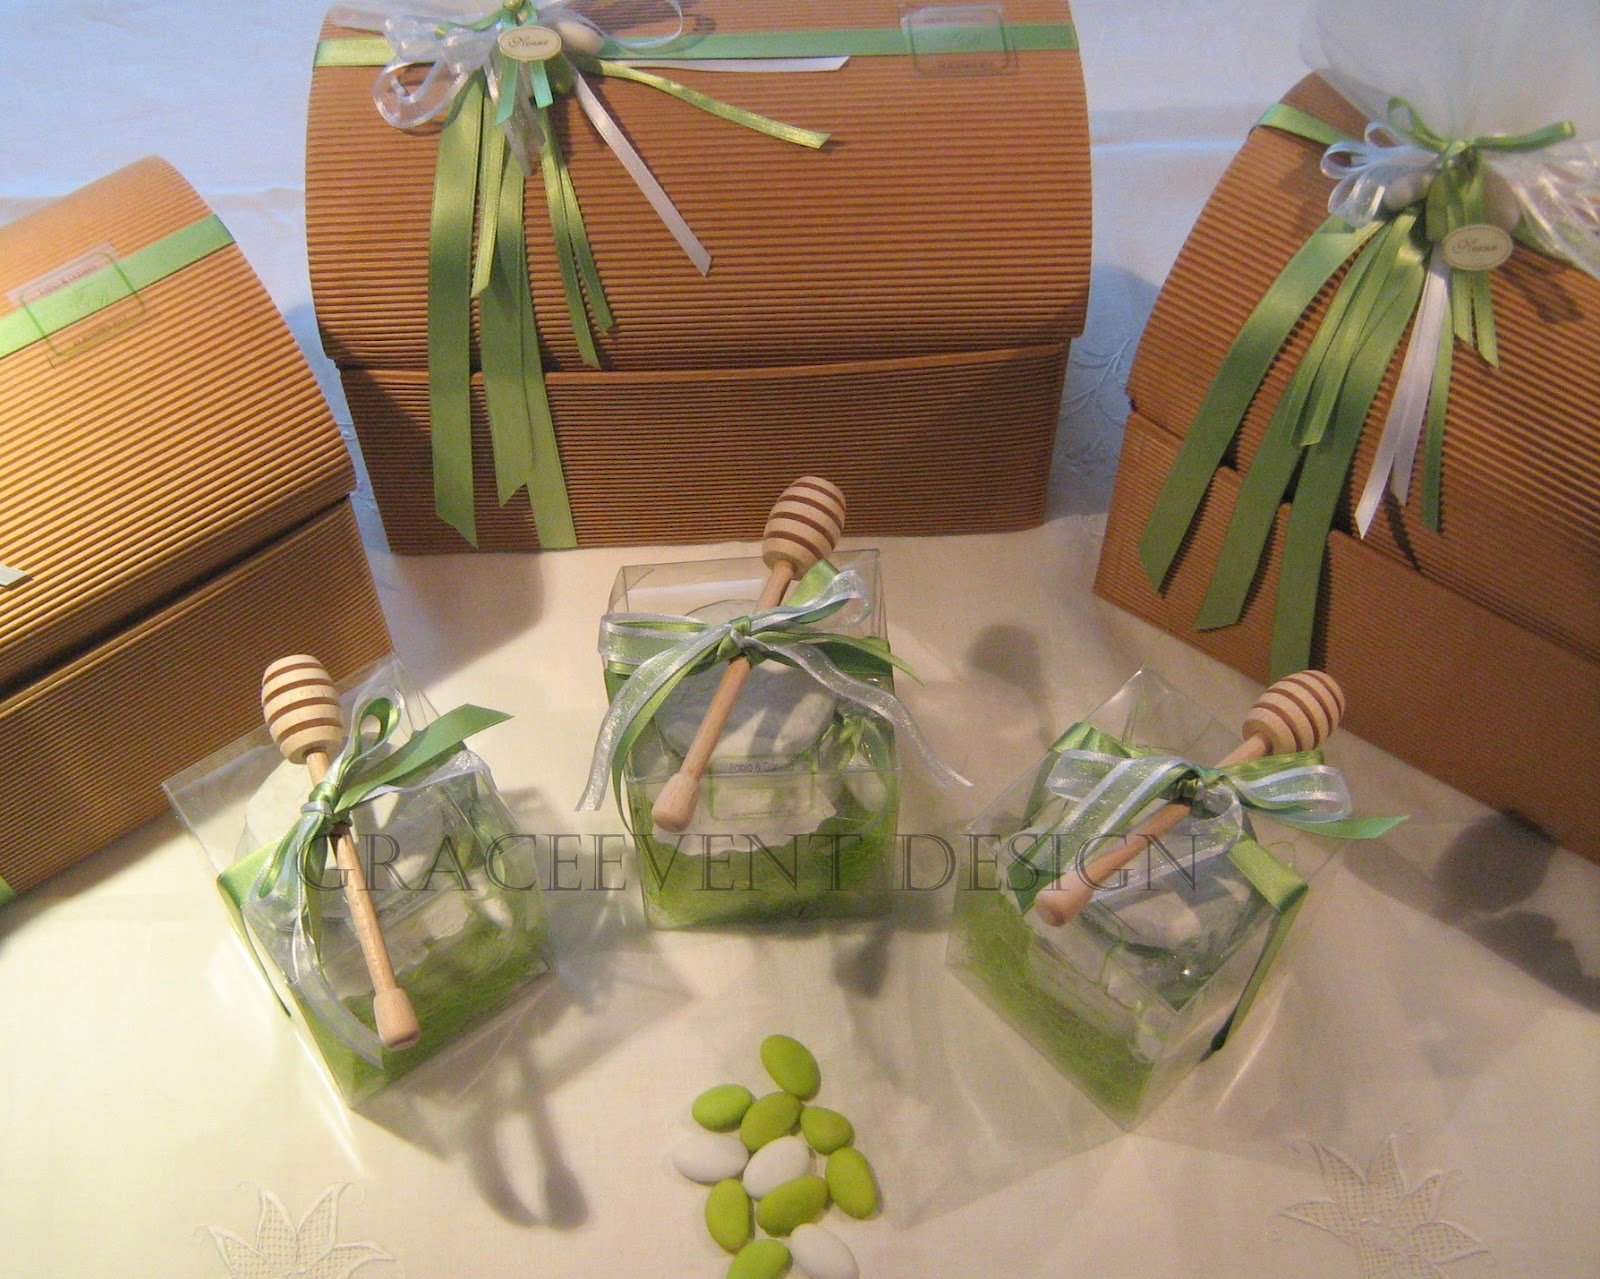 Nozzeeventi bio ed eco chic matrimonio verde mela dalla - Idee bomboniere testimoni di nozze ...